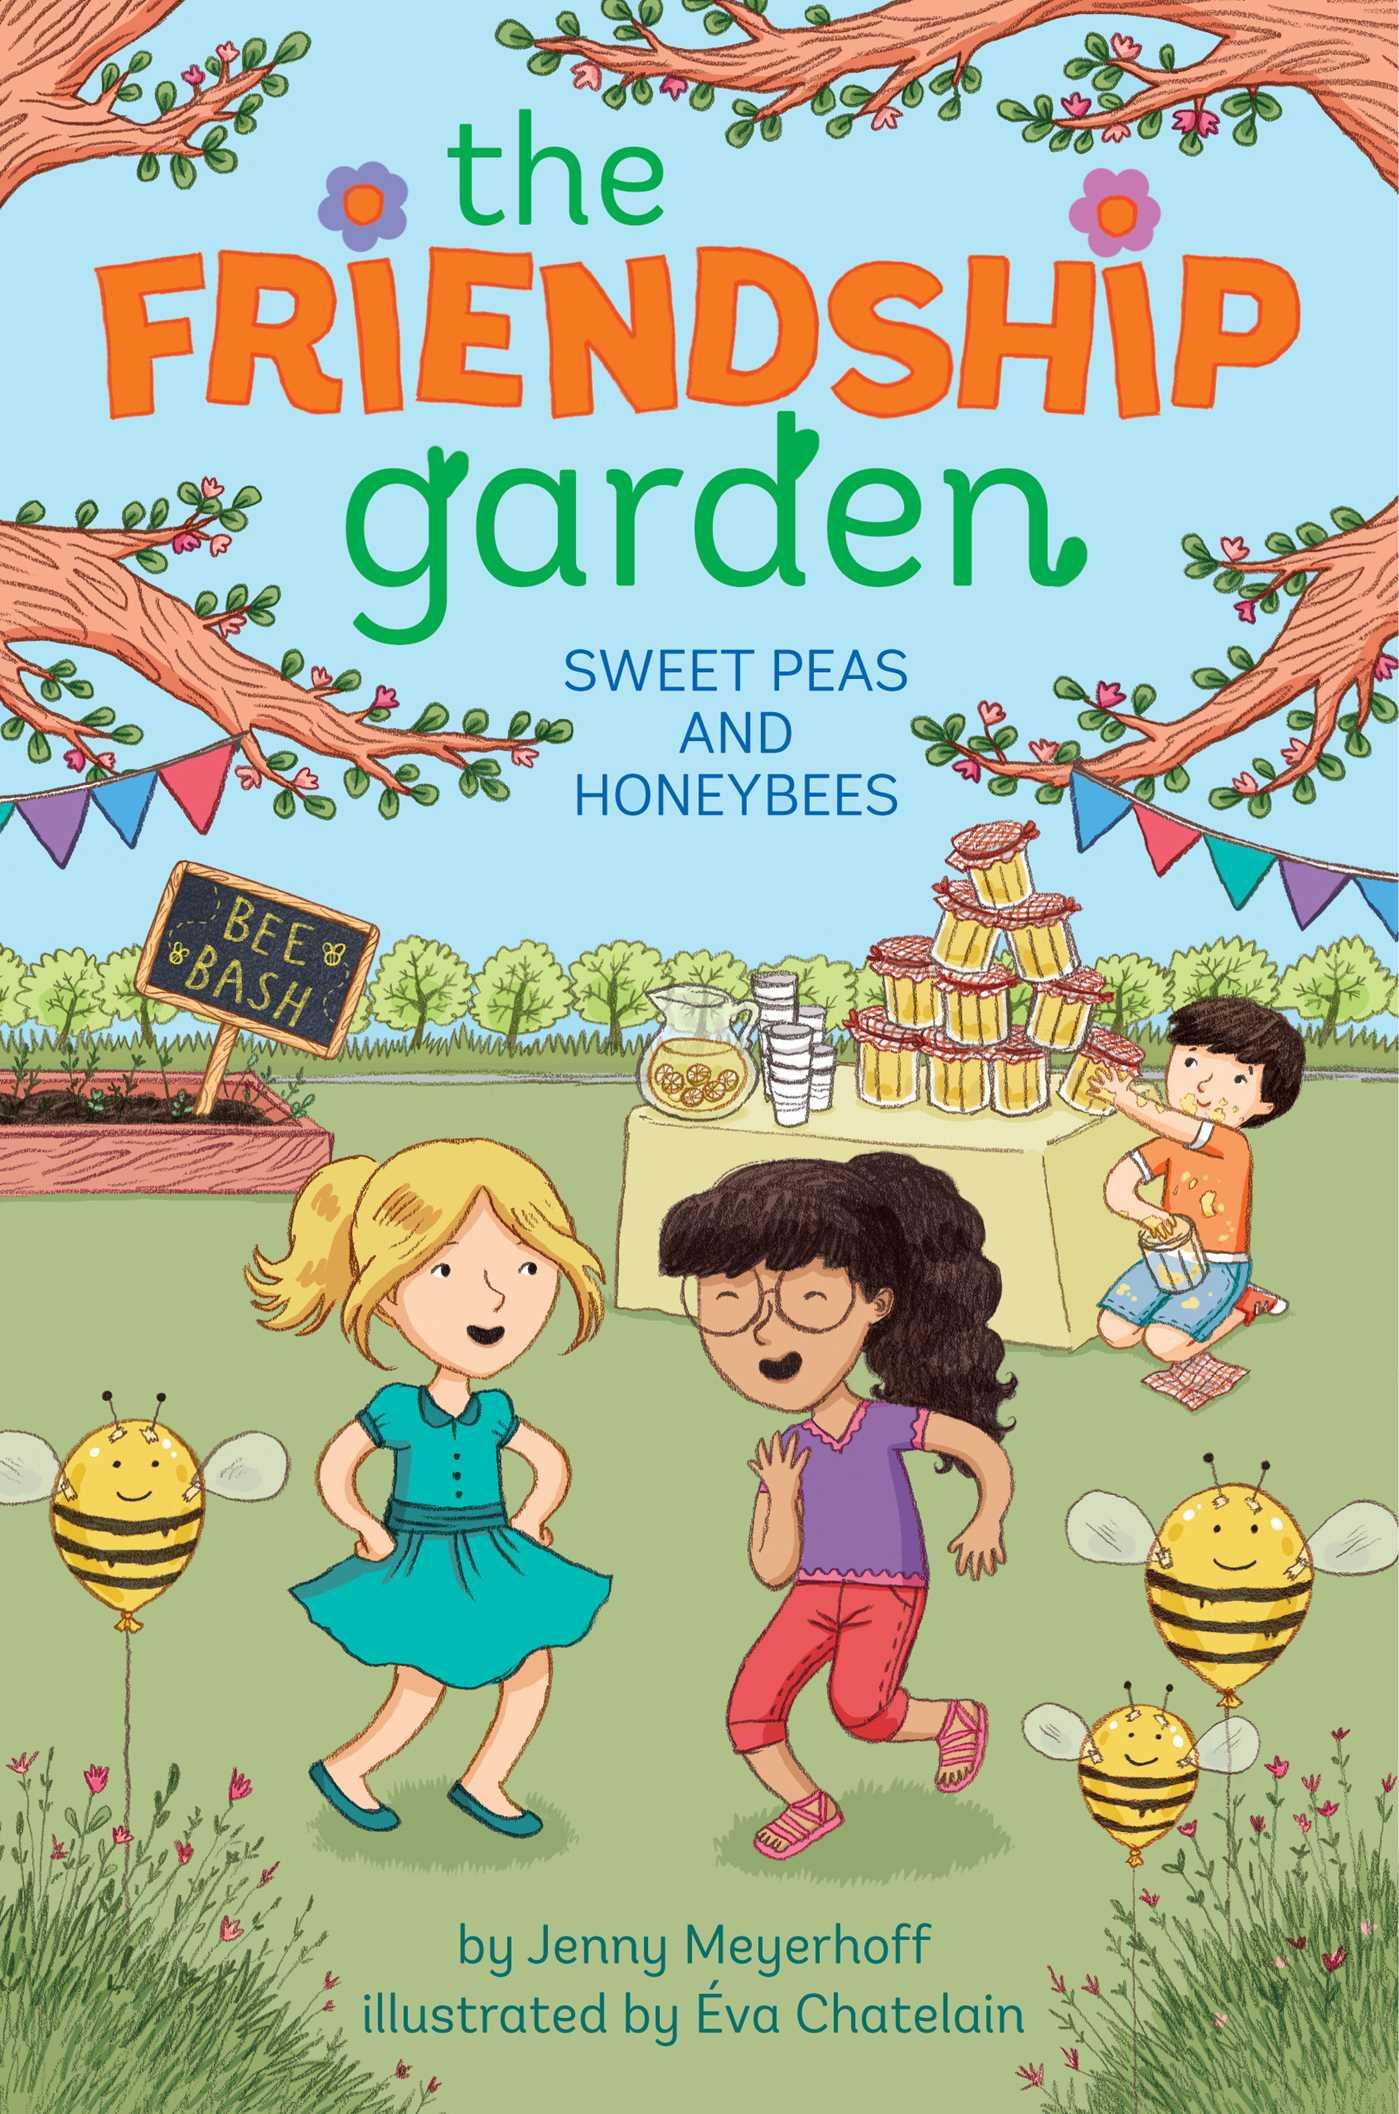 Sweet peas and honeybees 9781481439190 hr